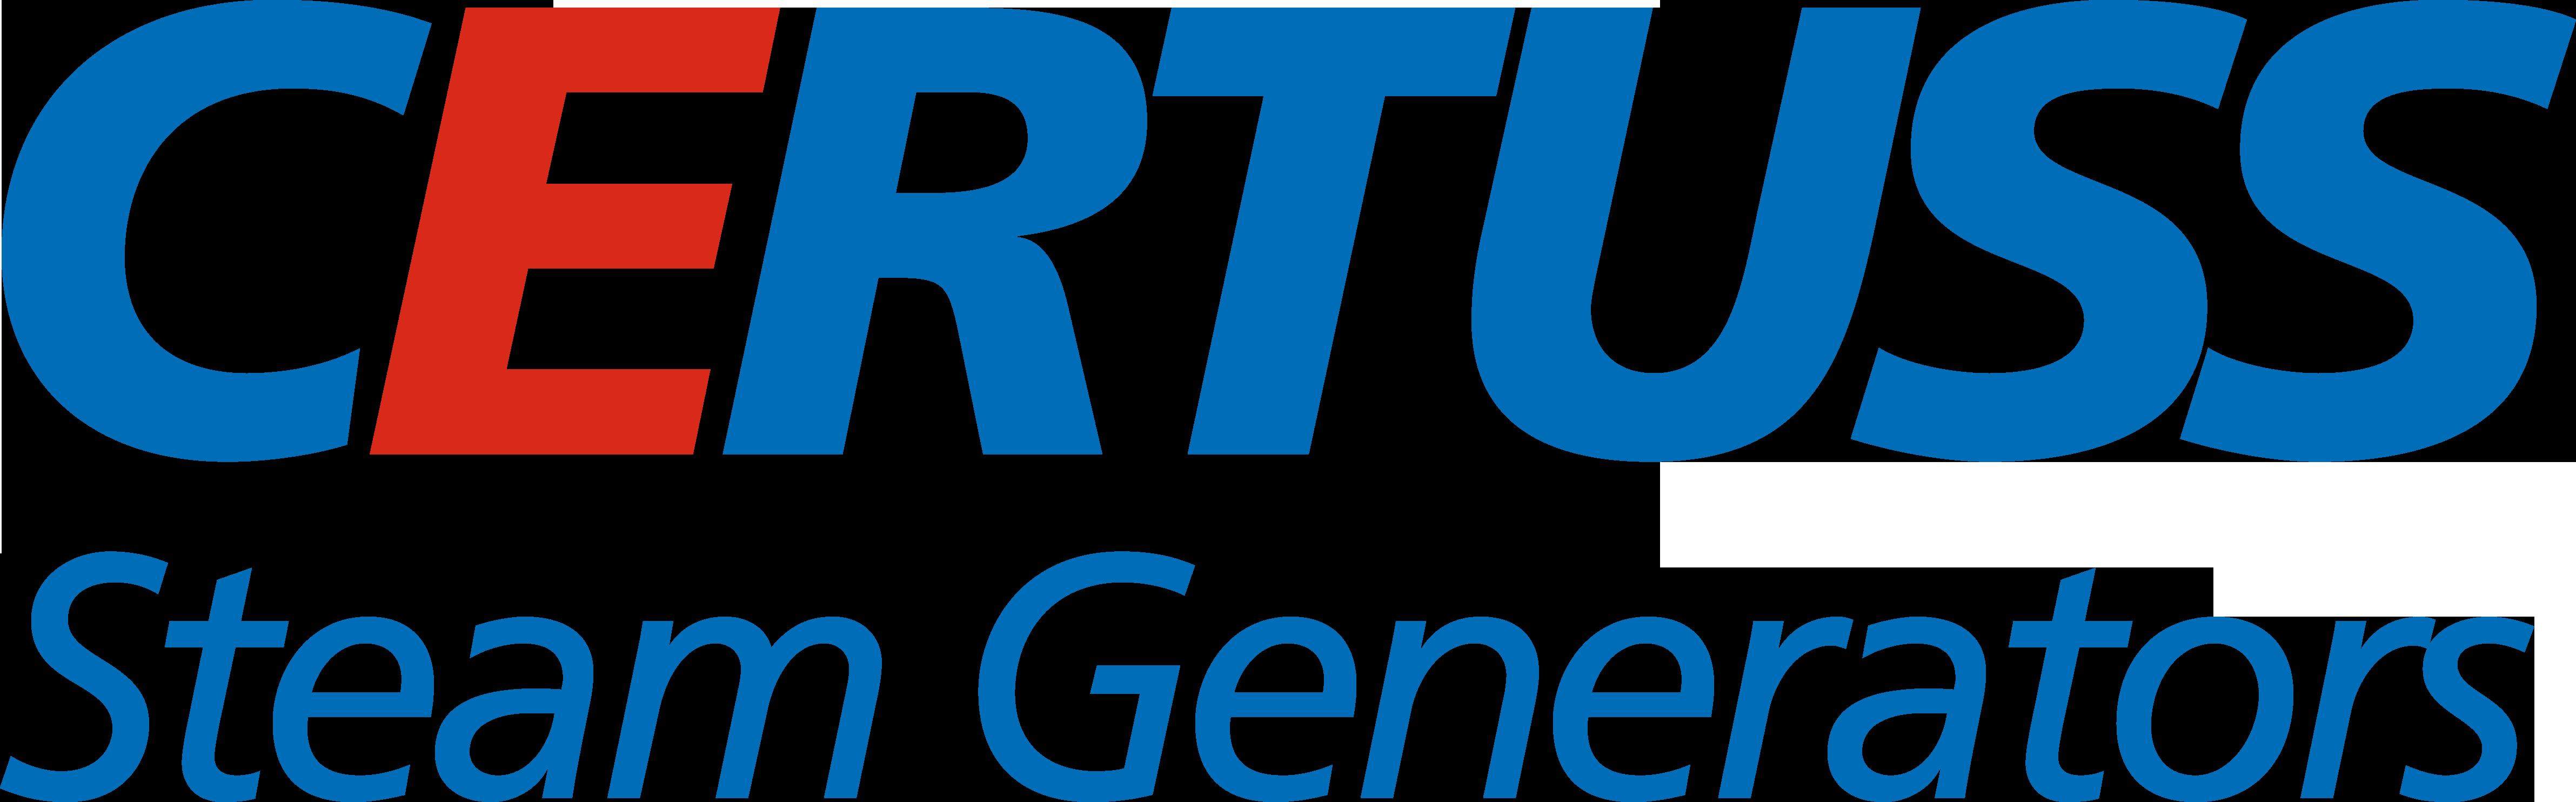 CERTUSS Steam Generators